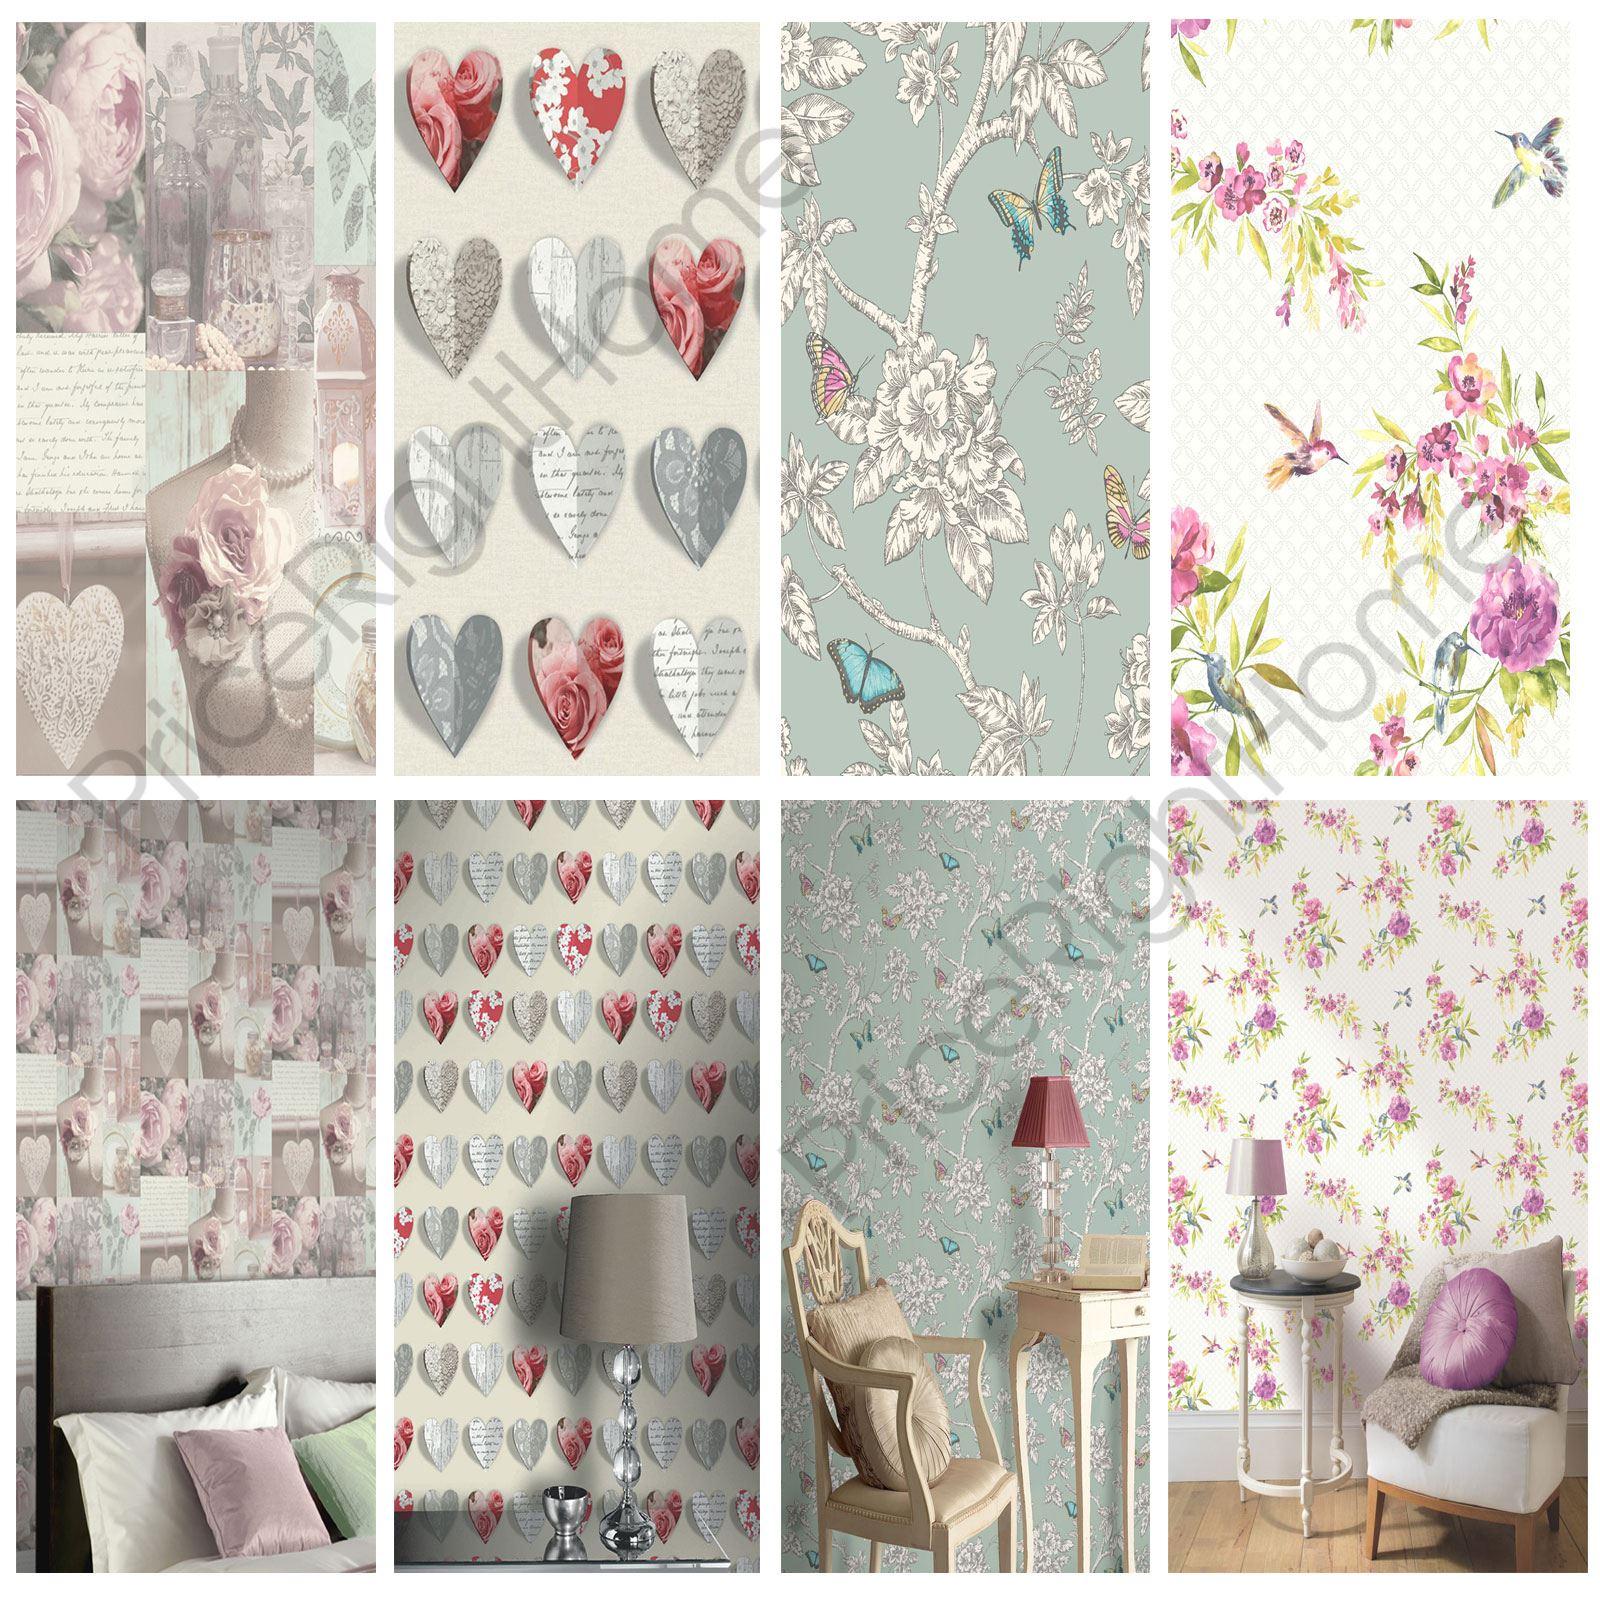 shabby chic papier peint fleur en design divers d coration murale neuf ebay. Black Bedroom Furniture Sets. Home Design Ideas